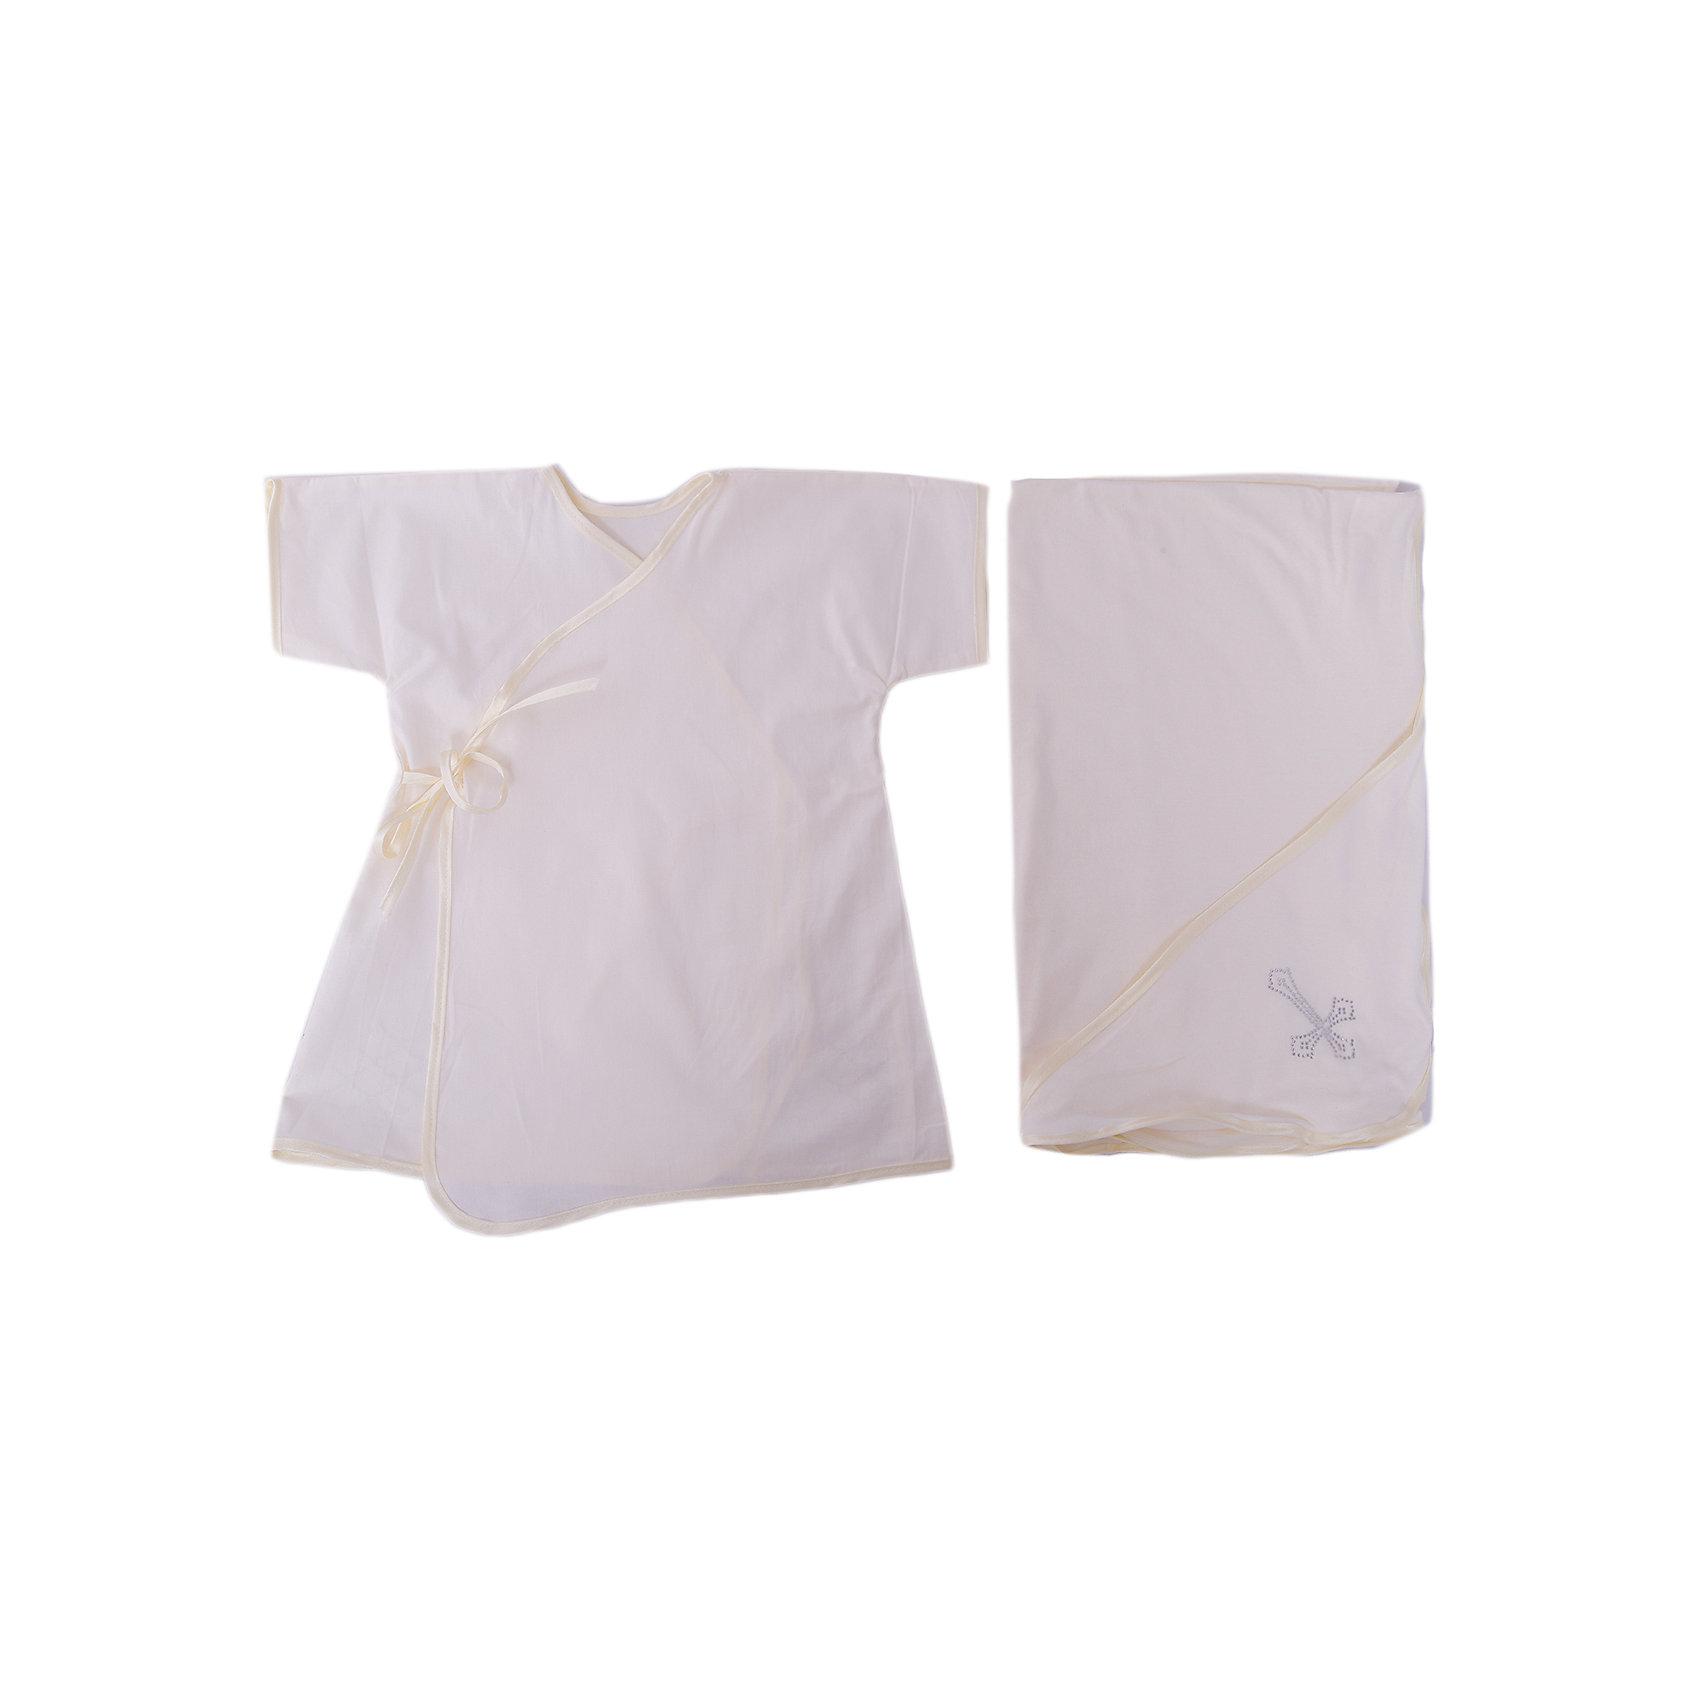 Крестильный комплект 2 пред. 62-68р., Арго, шампаньКрестильные наборы<br>Момент крещения ребенка - один из самых трогательных. Сделать его более торжественным поможет красивый крестильный комплект. Он состоит из двух предметов, это: удобная нарядная крестильная рубашка из сатина с запахом на спине, подол которой украшен стразами, и пеленка с уголком из мягкого трикотажа.<br>Смотрится набор очень красиво. Материалы подобраны специально для новорожденных. Они гипоаллергенны, пропускают воздух, не вызывают раздражения.<br><br>Дополнительная информация:<br><br>цвет: шампань;<br>материал: сатин, трикотаж - 100% хлопок;<br>комплектация: рубашка и пеленка;<br>размер: 62-68 см;<br>возраст: 0-6 месяцев.<br><br>Крестильный комплект 2 пред. 62-68р, шампань, от компании Арго можно купить в нашем магазине.<br><br>Ширина мм: 500<br>Глубина мм: 500<br>Высота мм: 100<br>Вес г: 50<br>Возраст от месяцев: 0<br>Возраст до месяцев: 6<br>Пол: Унисекс<br>Возраст: Детский<br>SKU: 4720137